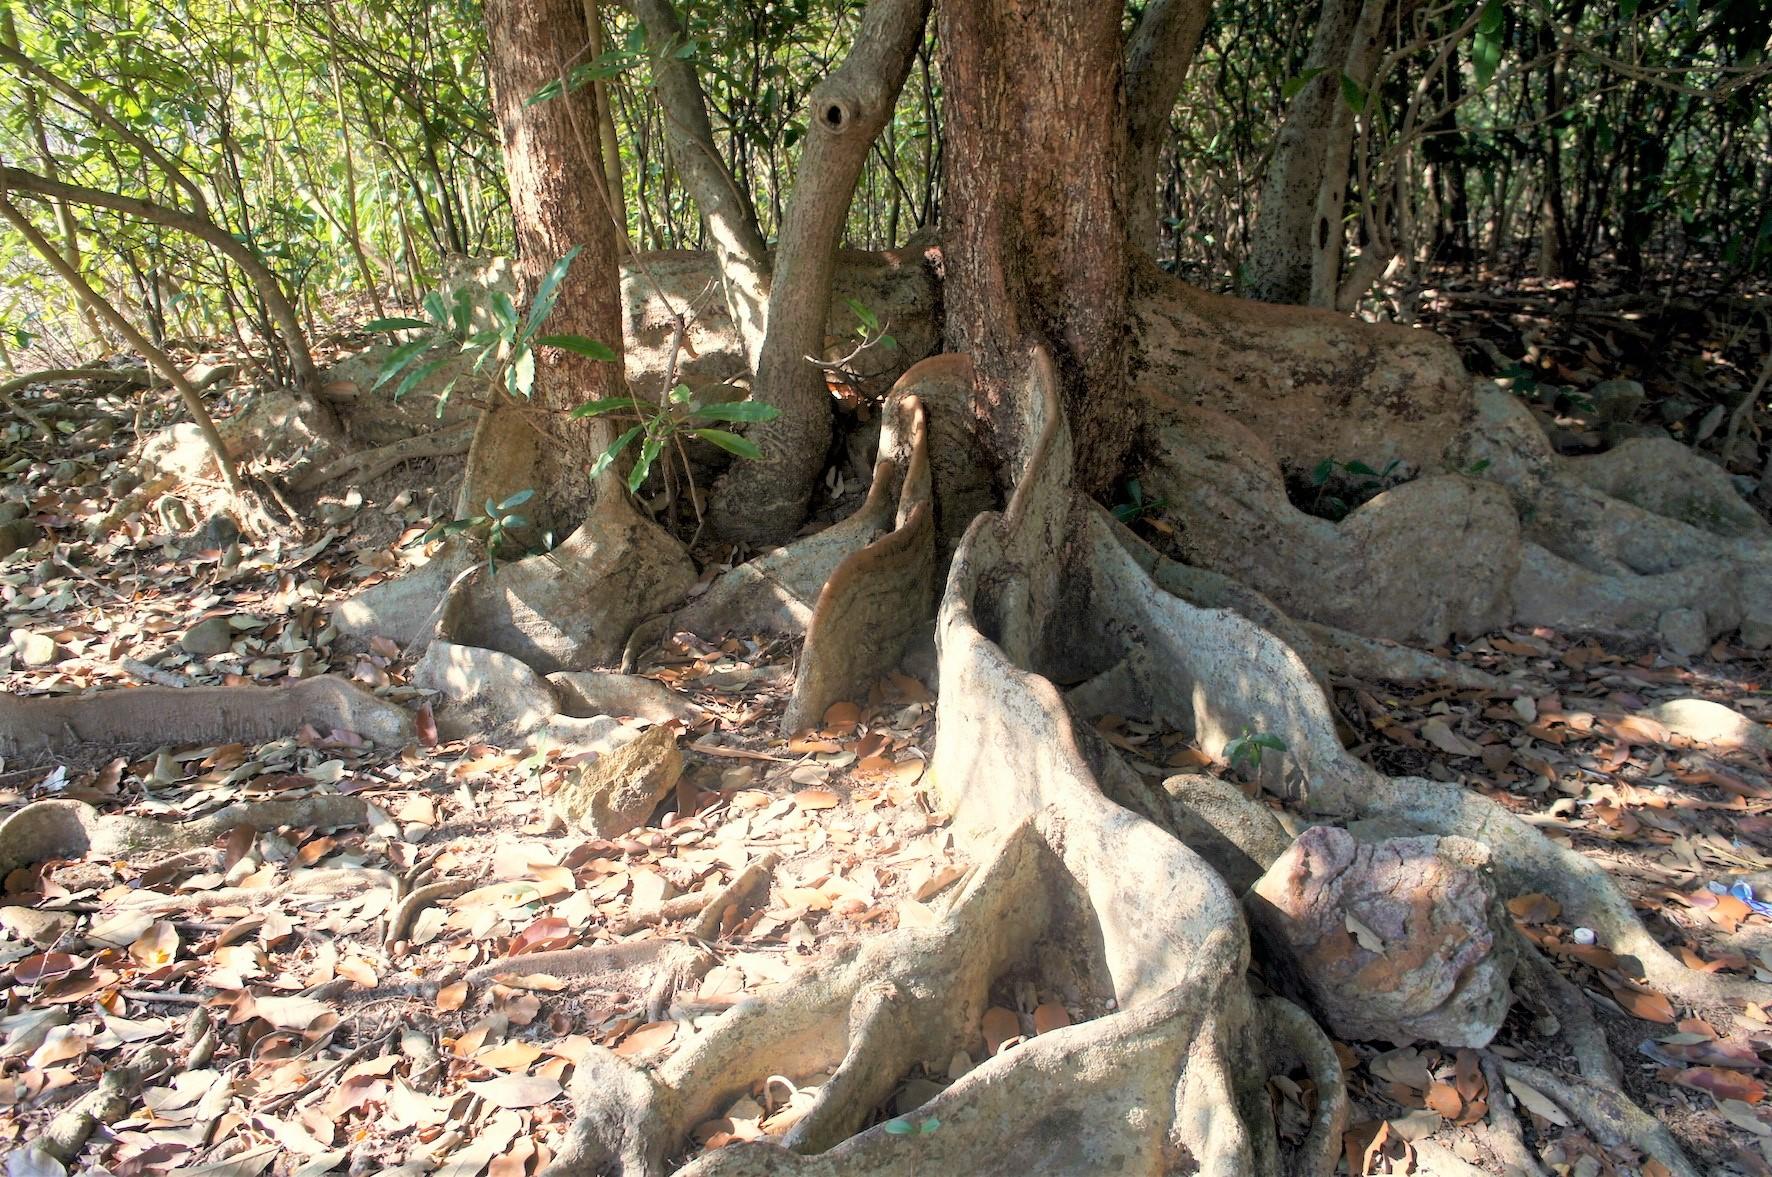 板根が発達した熱帯ならではの樹木(3日目)